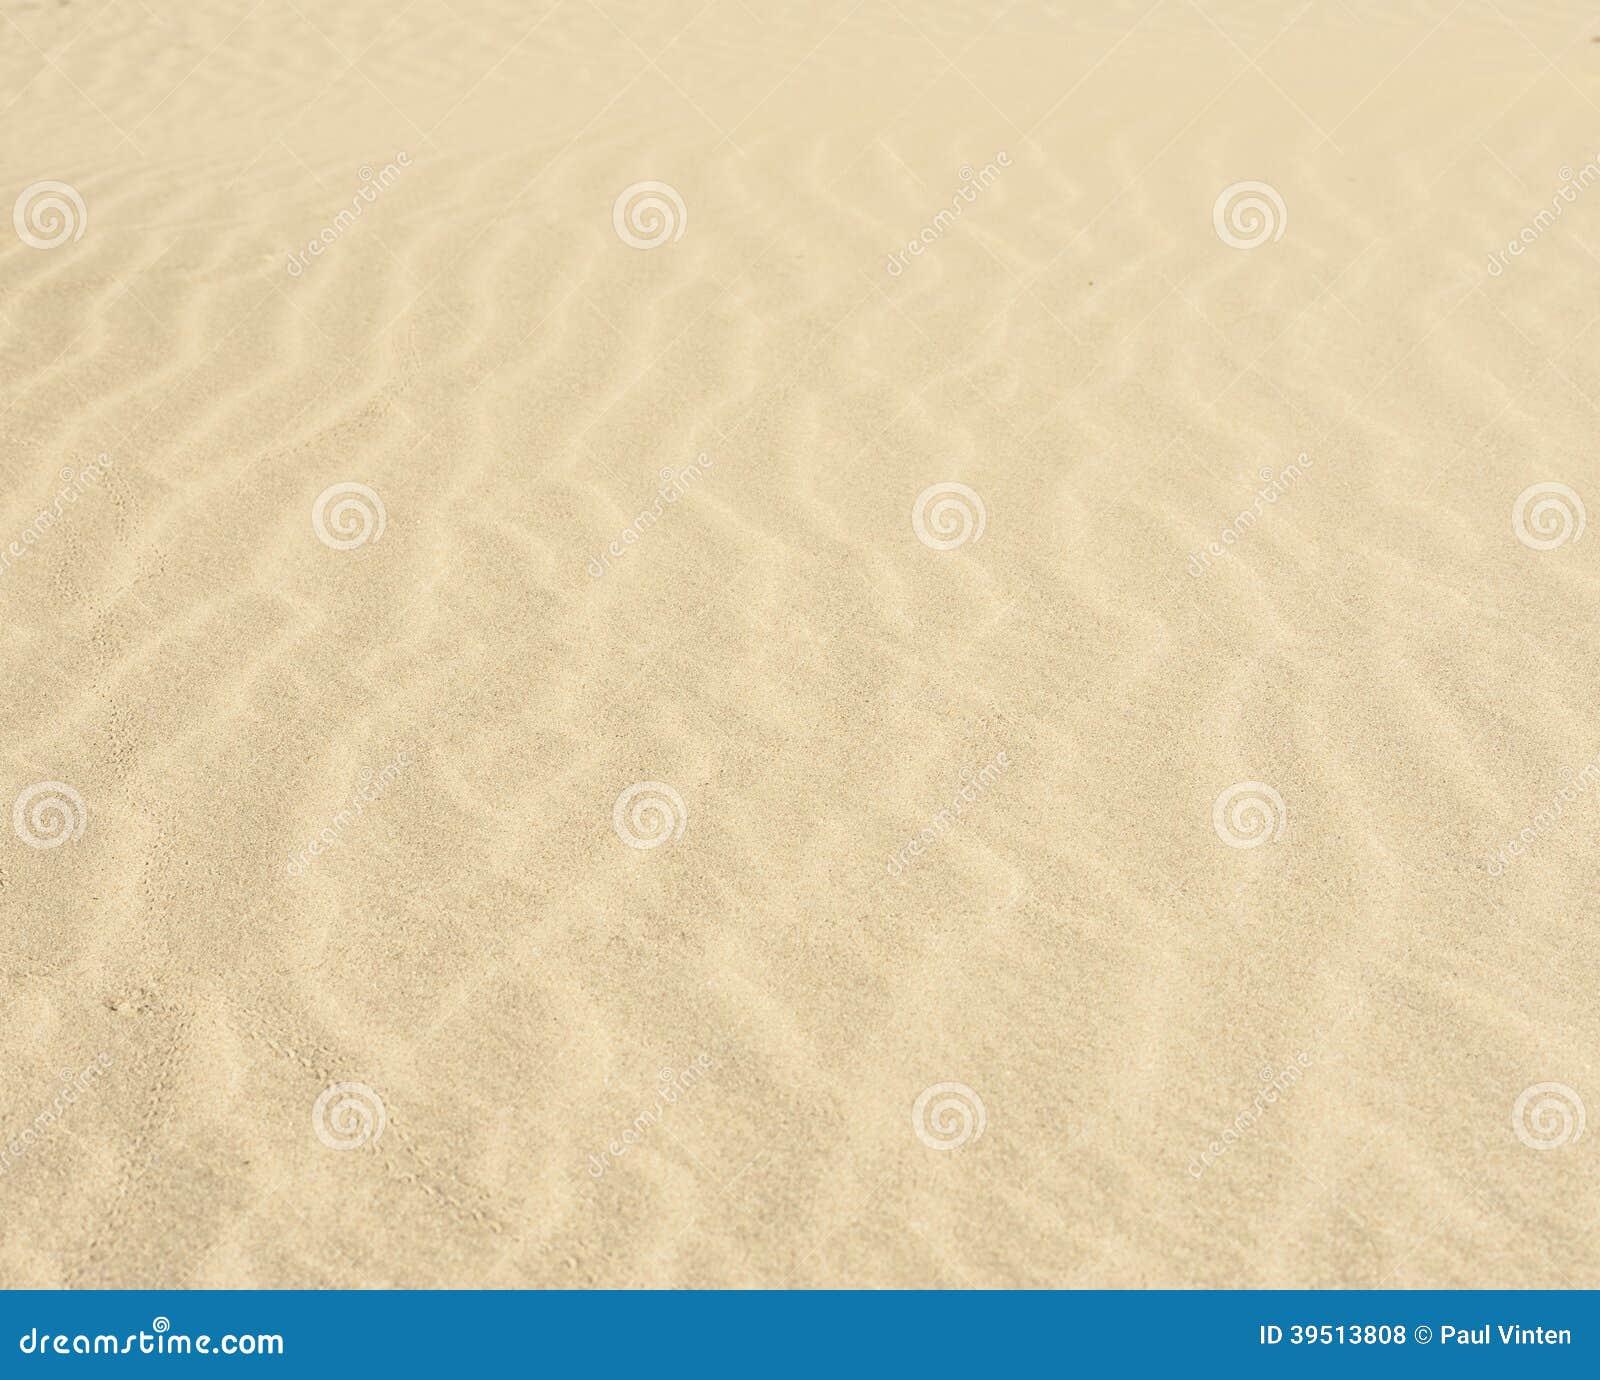 Sand ripples in a desert